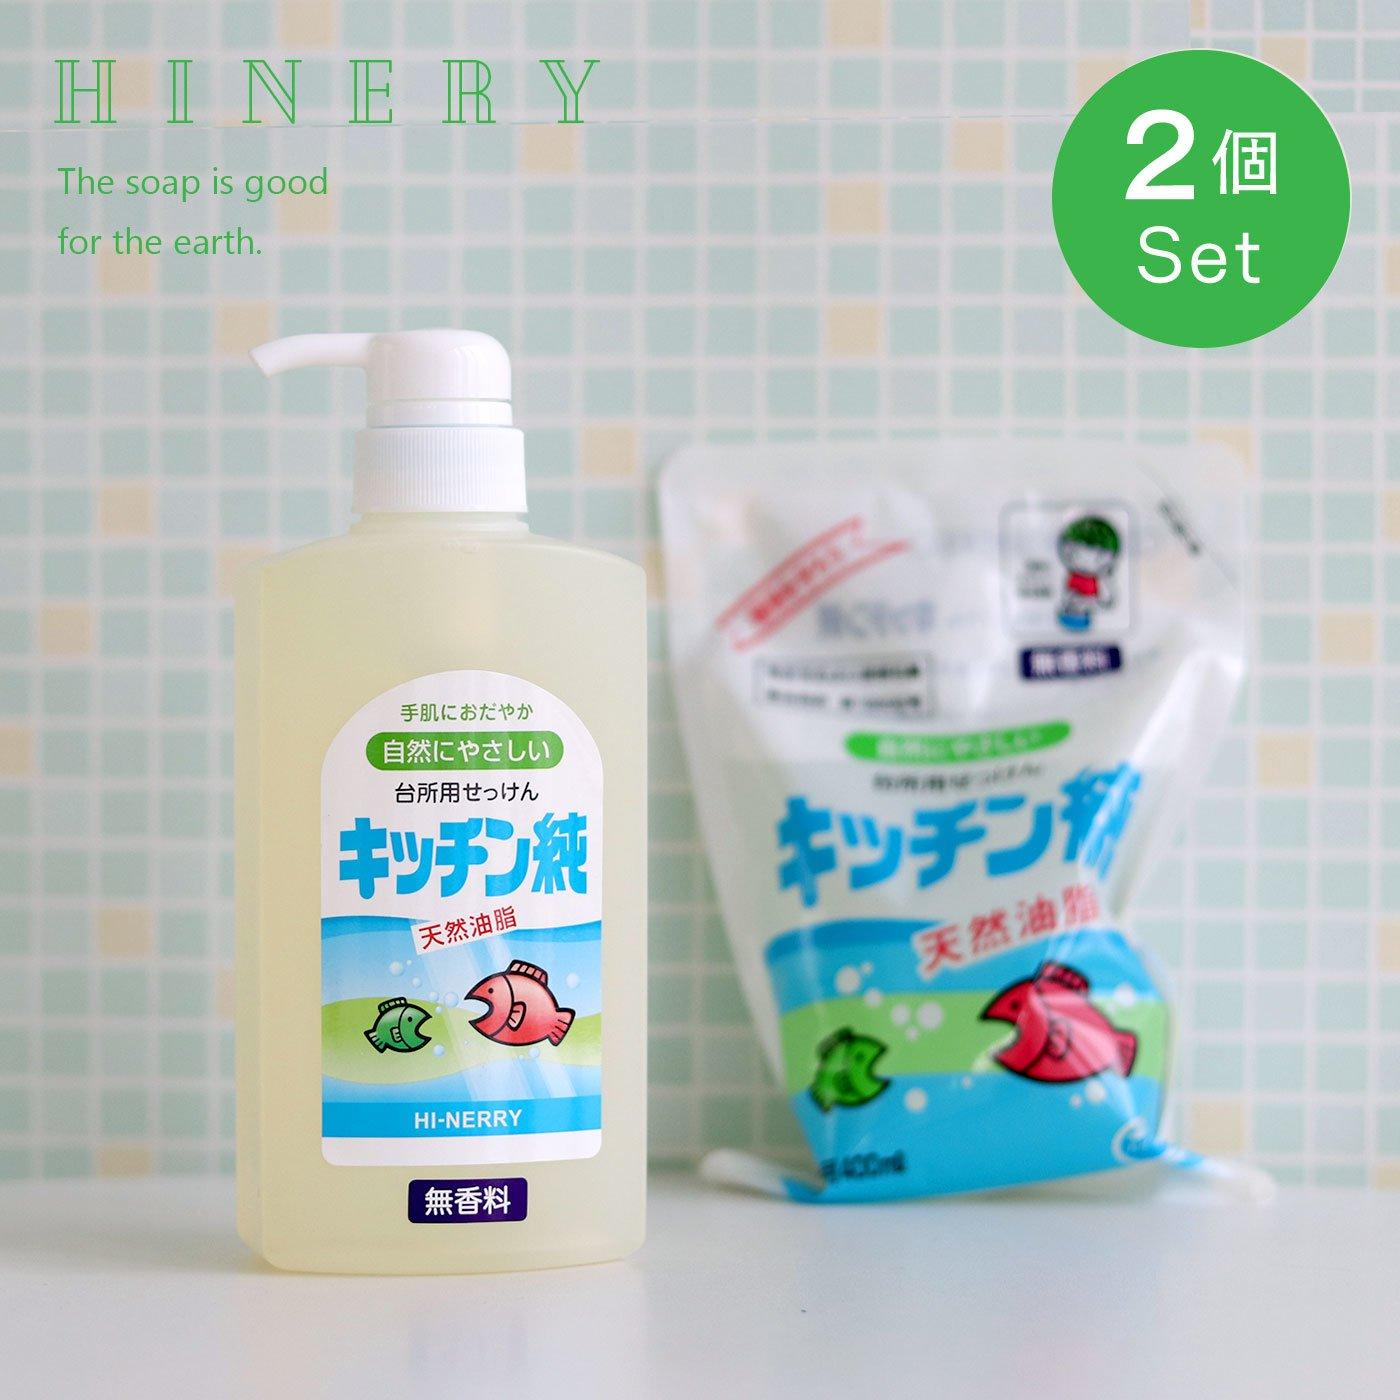 台所用石けん キッチン純(香料不使用)ボトル1本、詰替用1袋